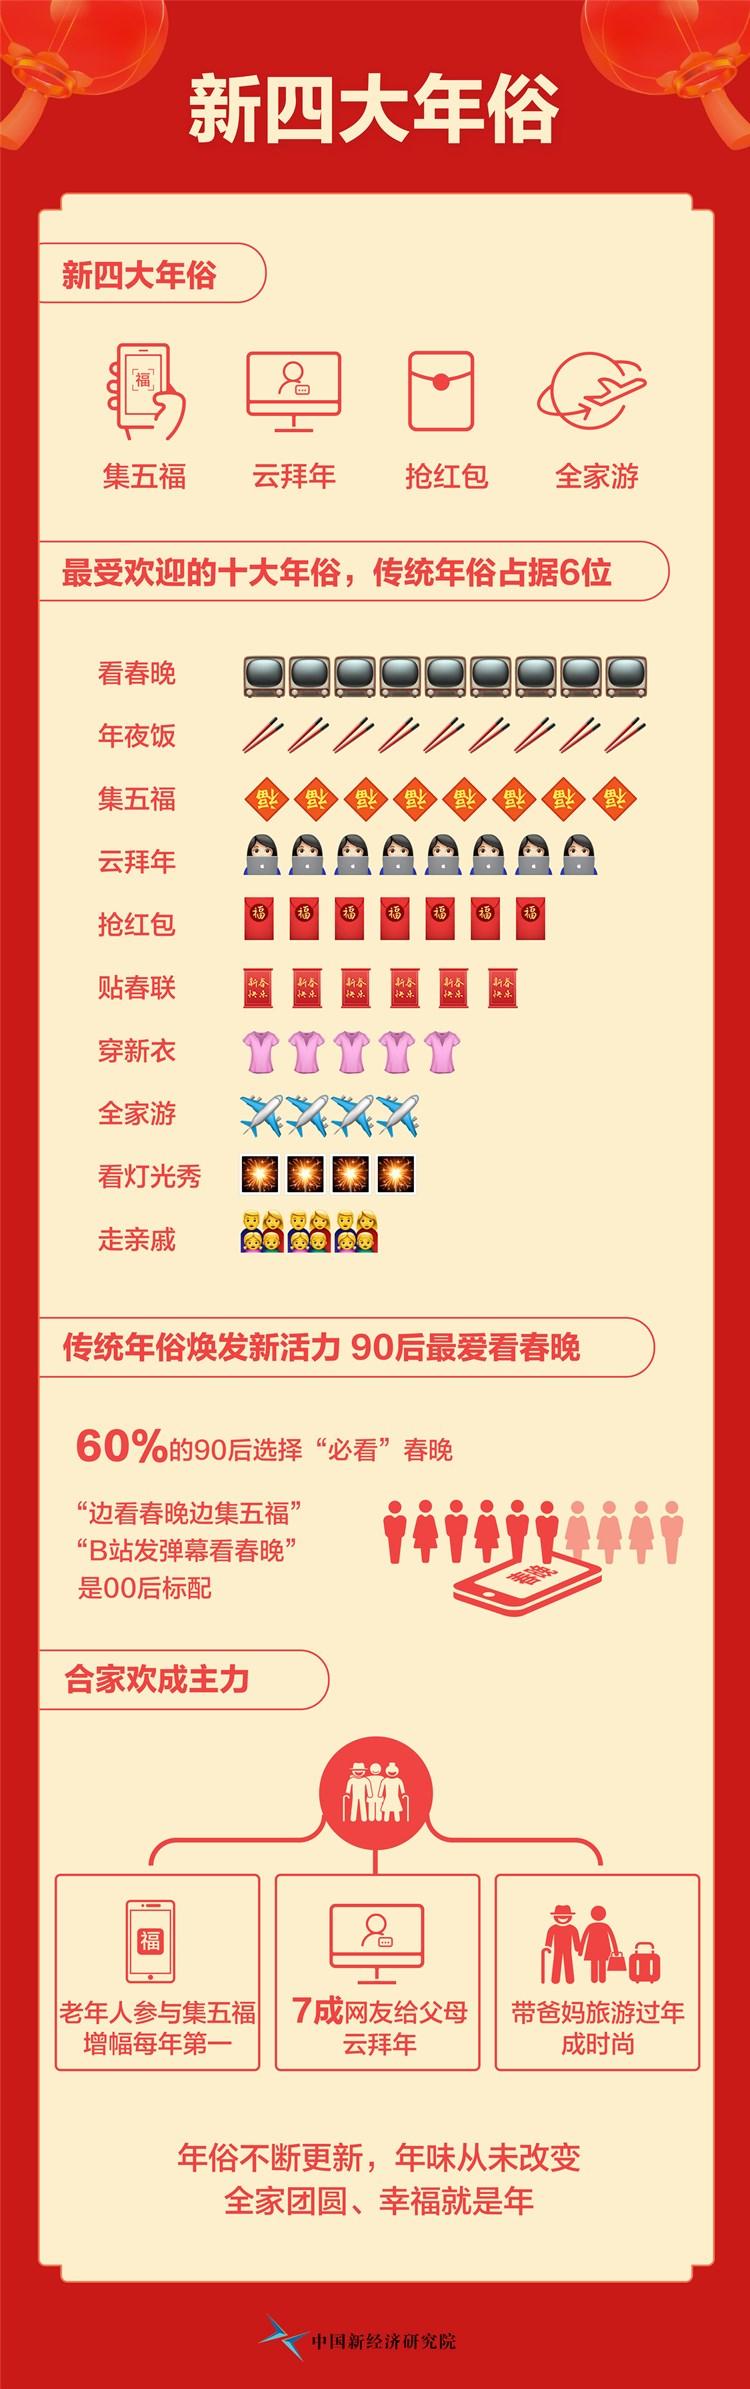 """图配""""新四大年俗""""揭晓:集五福、云拜年、(4056009)-20200122174544_副本.jpg"""